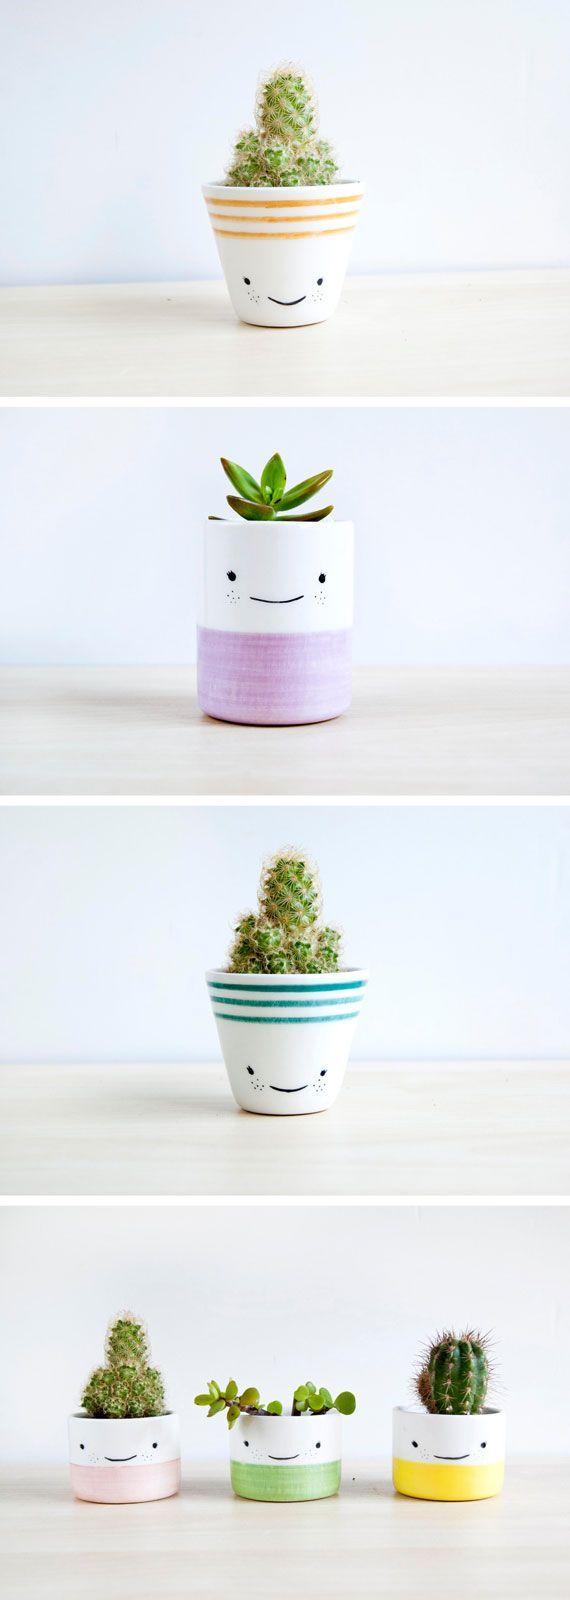 Happy Face Planters | Glückliche Gesichter Übertöpfe von der spanischen Keramik Künstlerin Noe Marin.